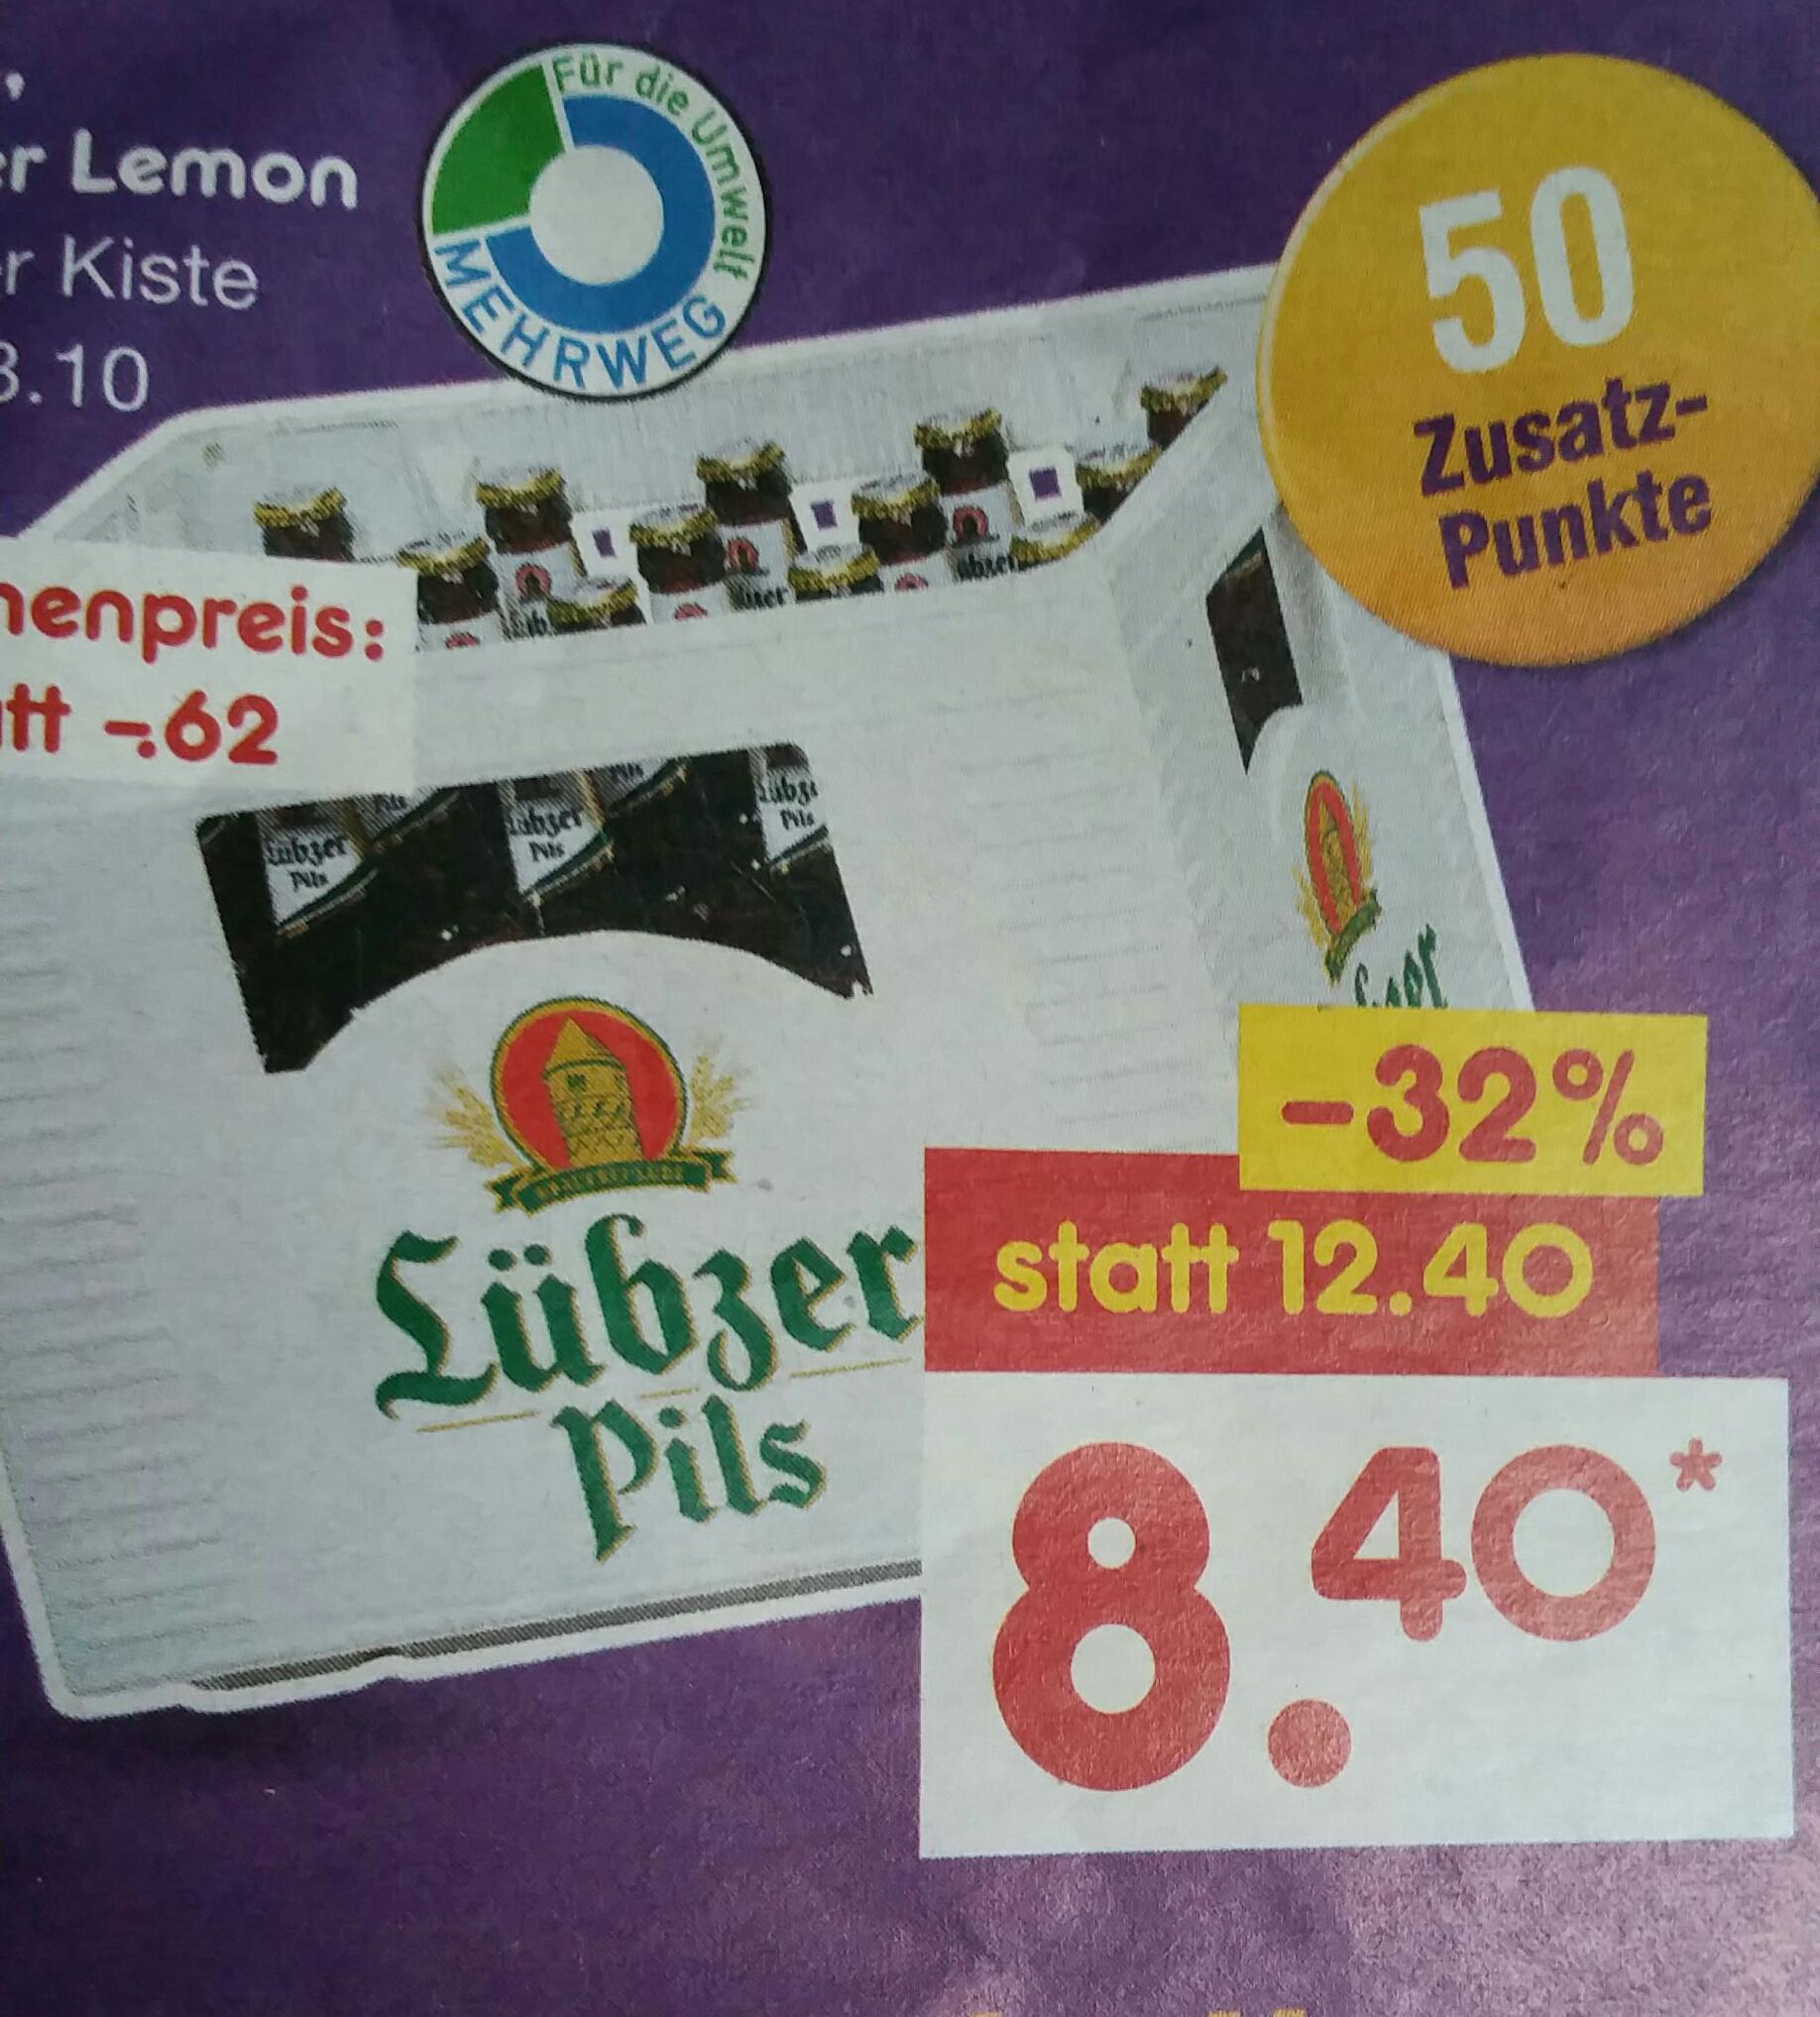 [LOKAL MV]Freitag 28.10. 20er Kasten Lübzer Pils für eff. 7,50€ bei Nutzung der Deutschlandcard @NettoMD